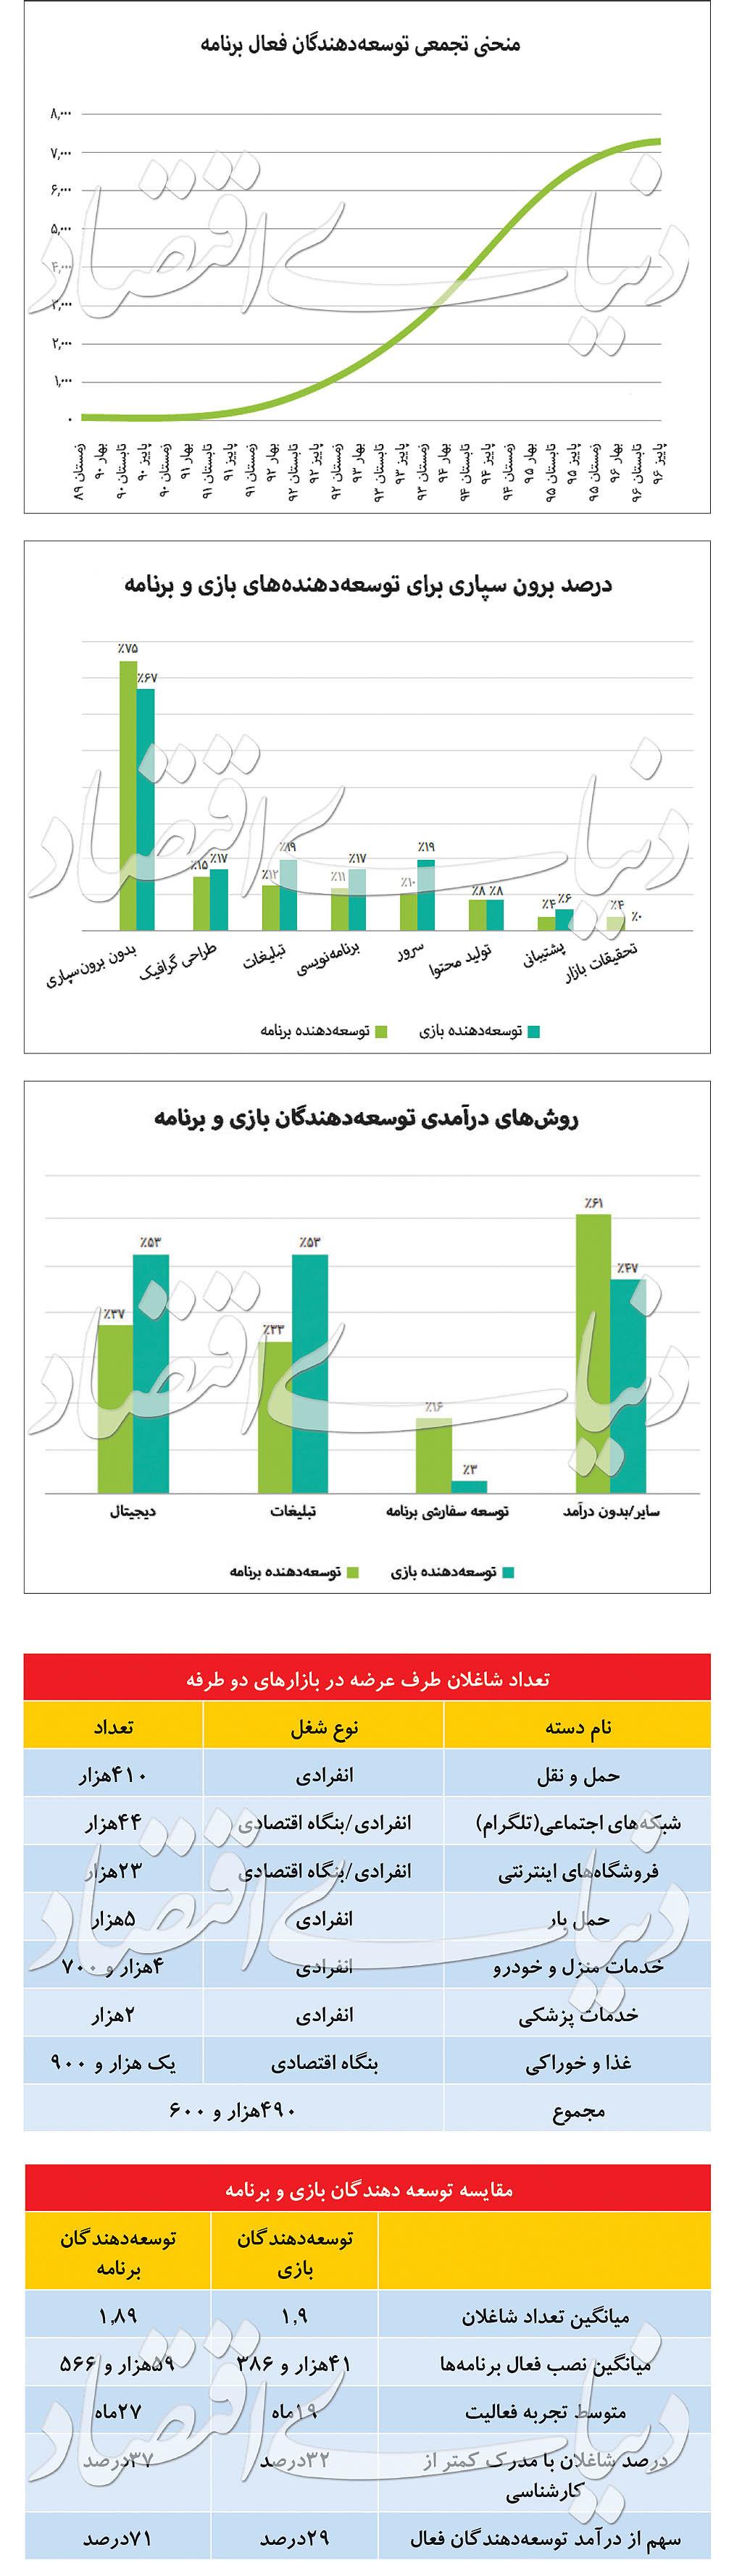 رشد صنعت اپلیکیشن در ایران